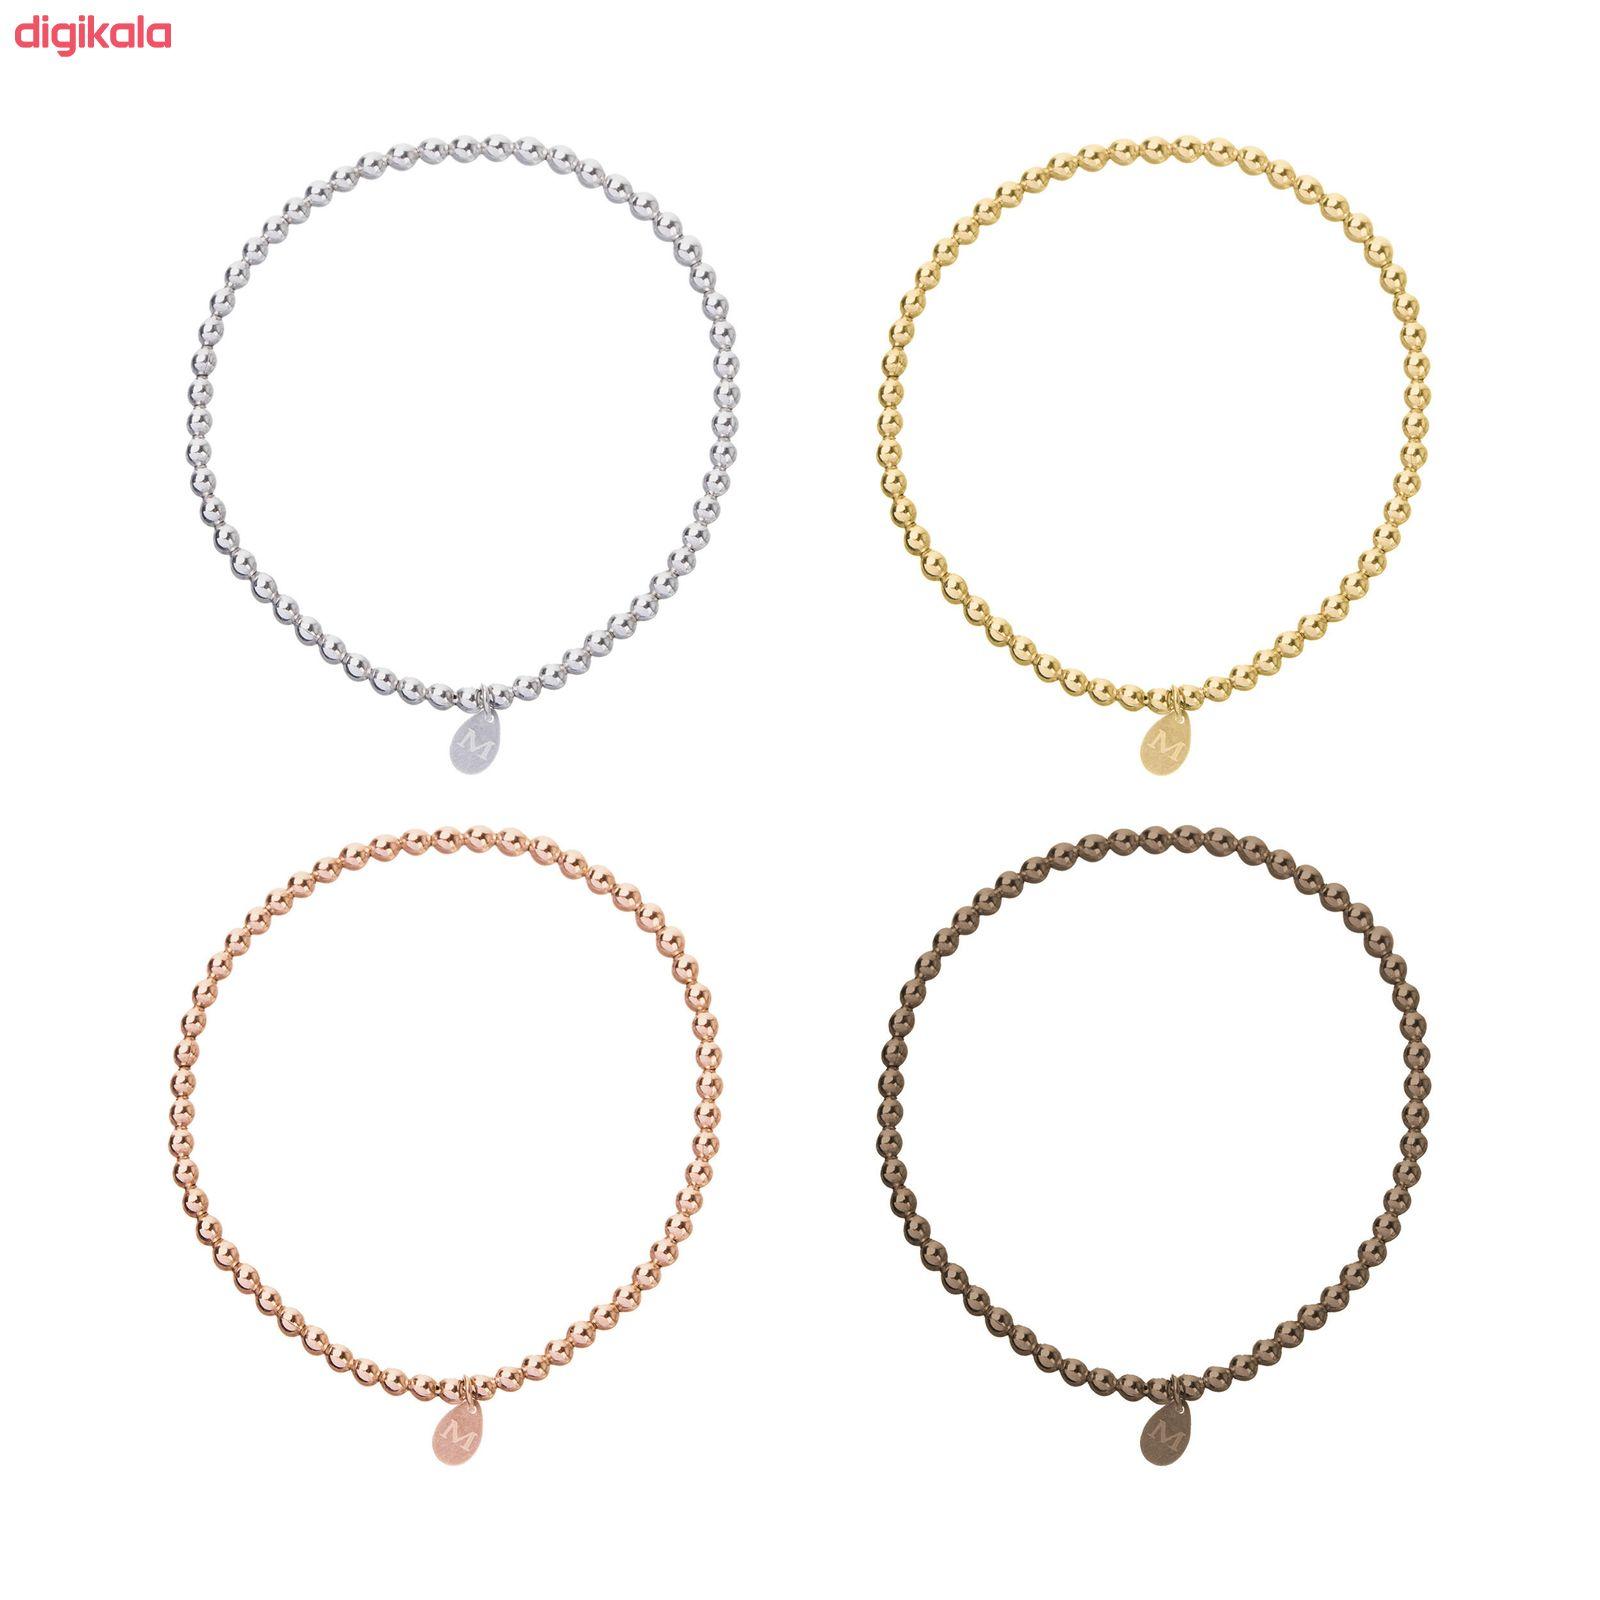 دستبند نقره زنانه کد SL-01 مجموعه 4 عددی